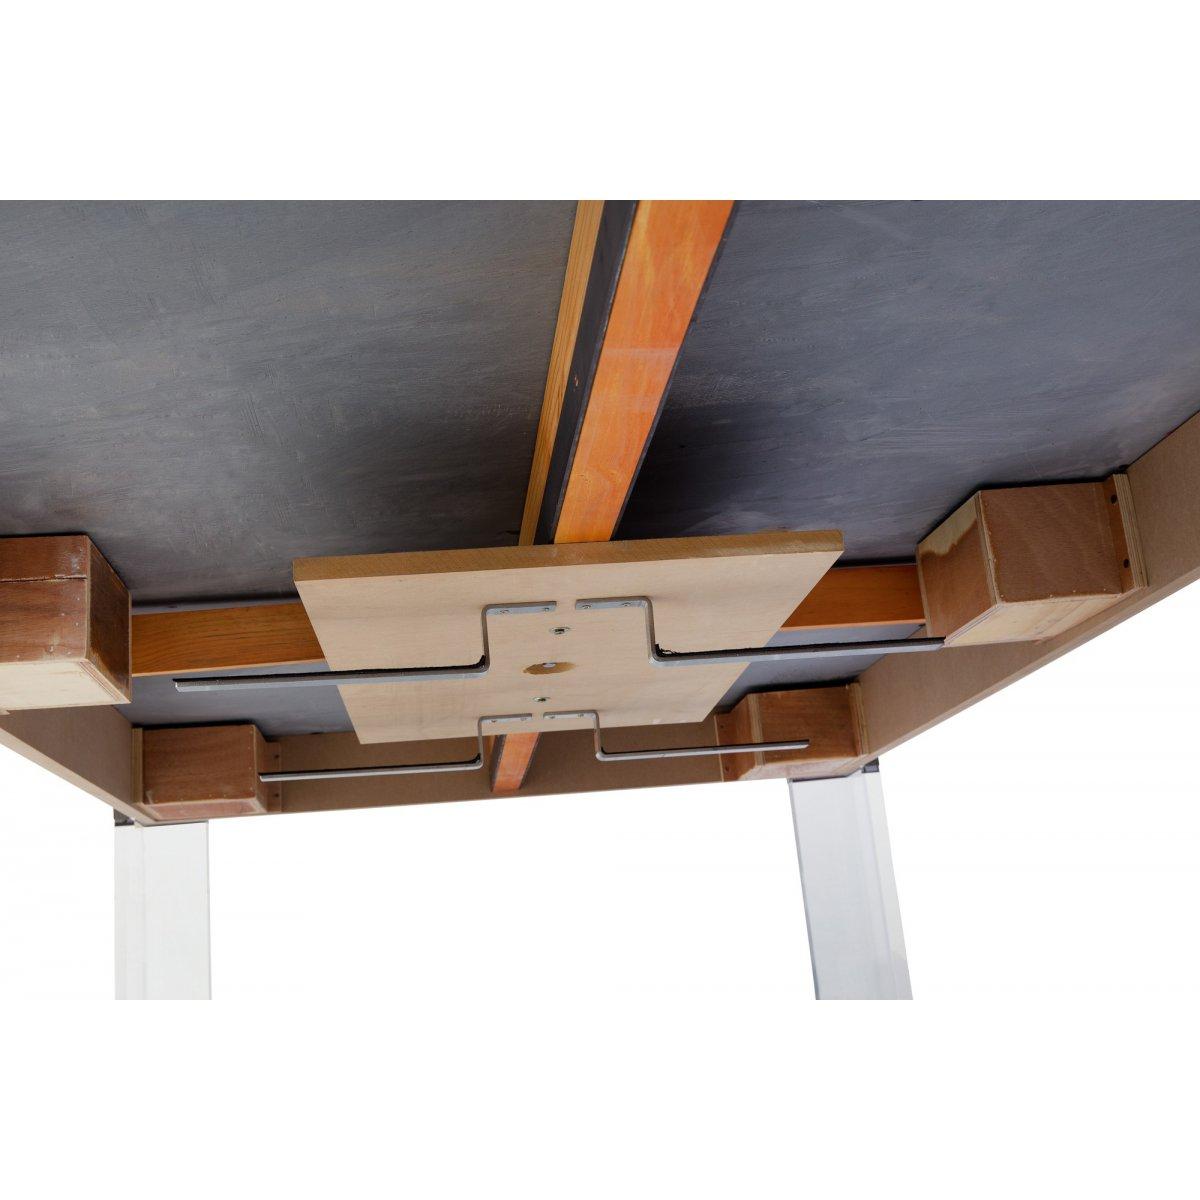 rangement des accessoires sous la table de billard r f rence. Black Bedroom Furniture Sets. Home Design Ideas